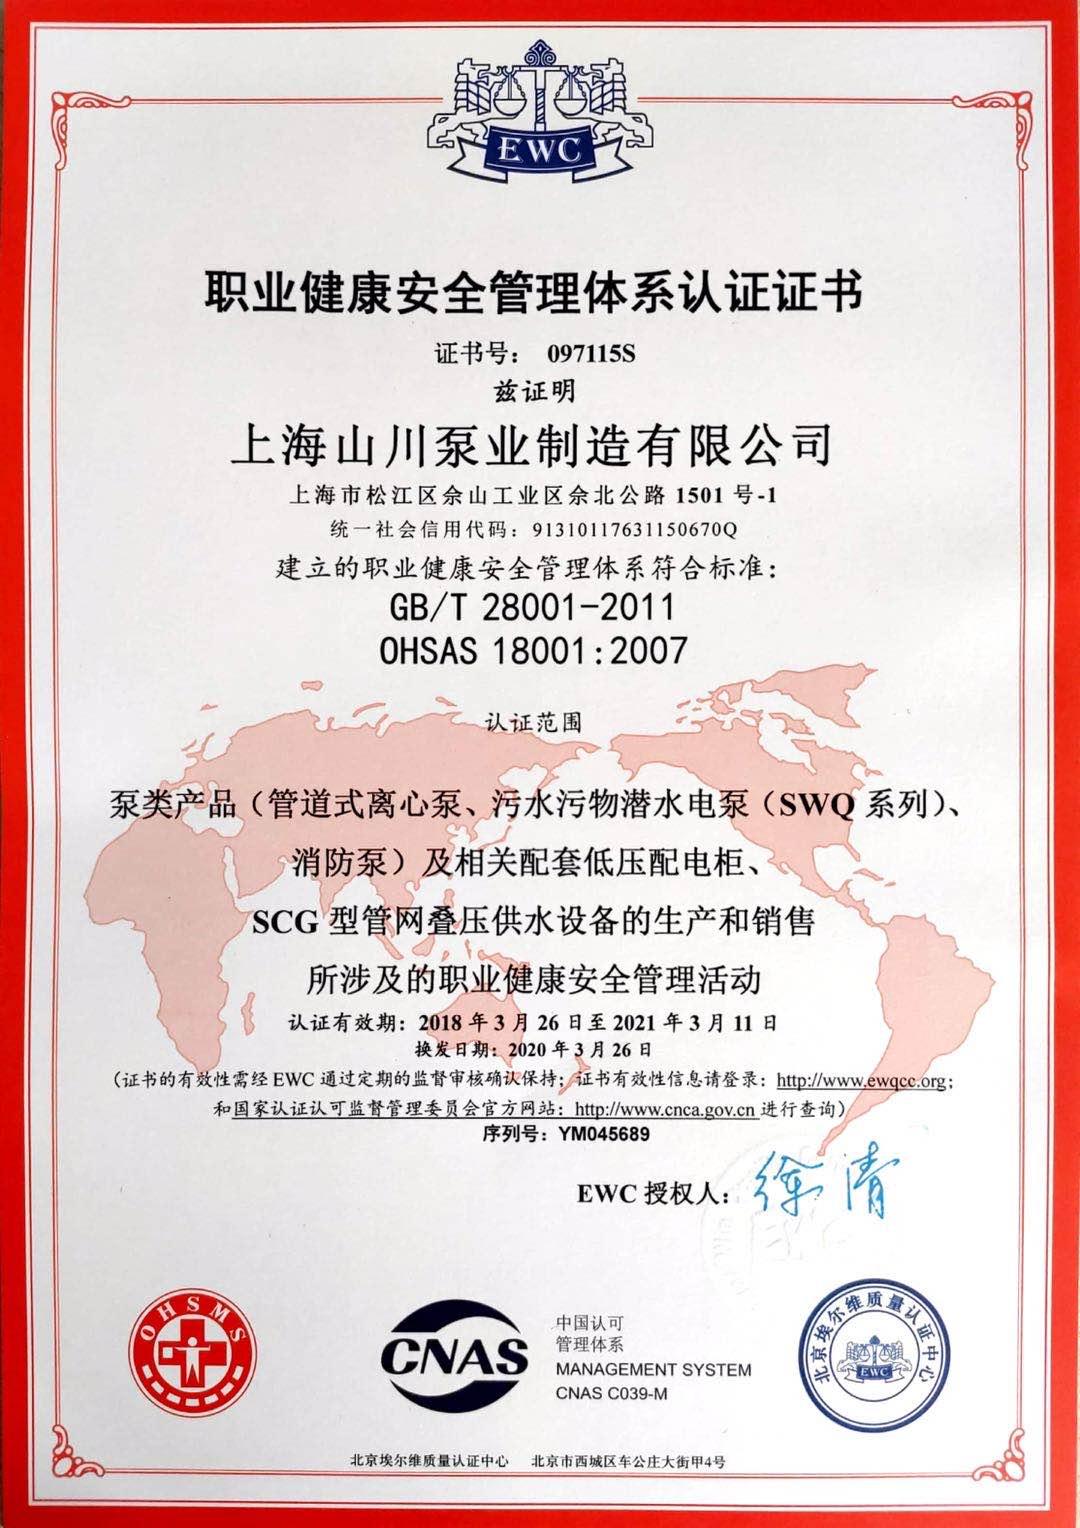 上海山川泵業制造有限公司 職業健康安全管理體系